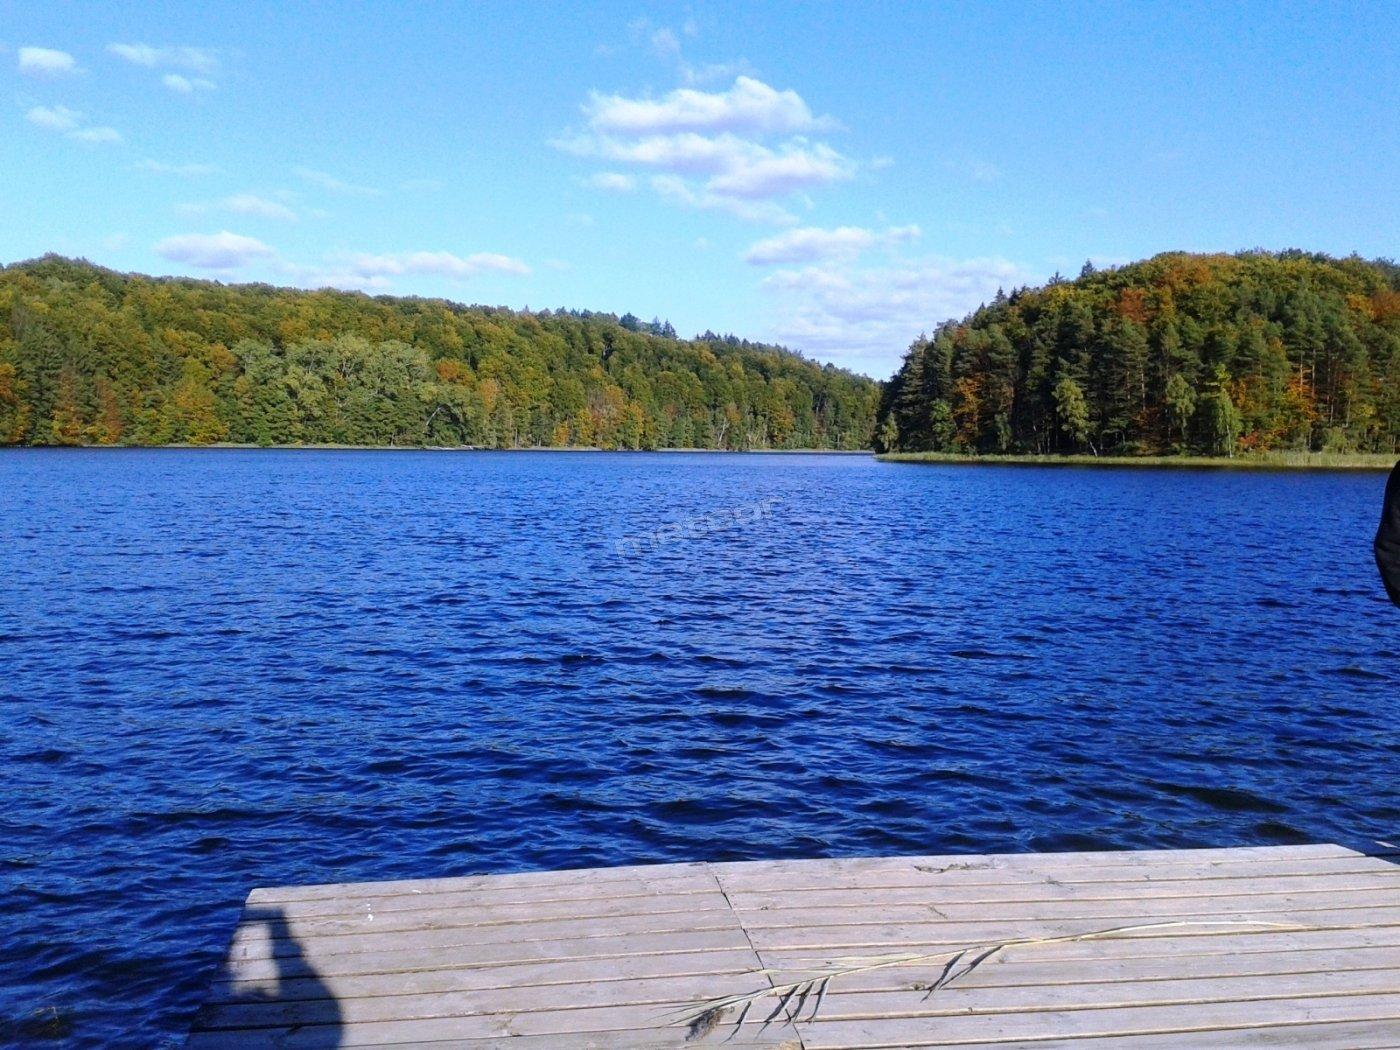 Panorama jeziora, widok z kładki